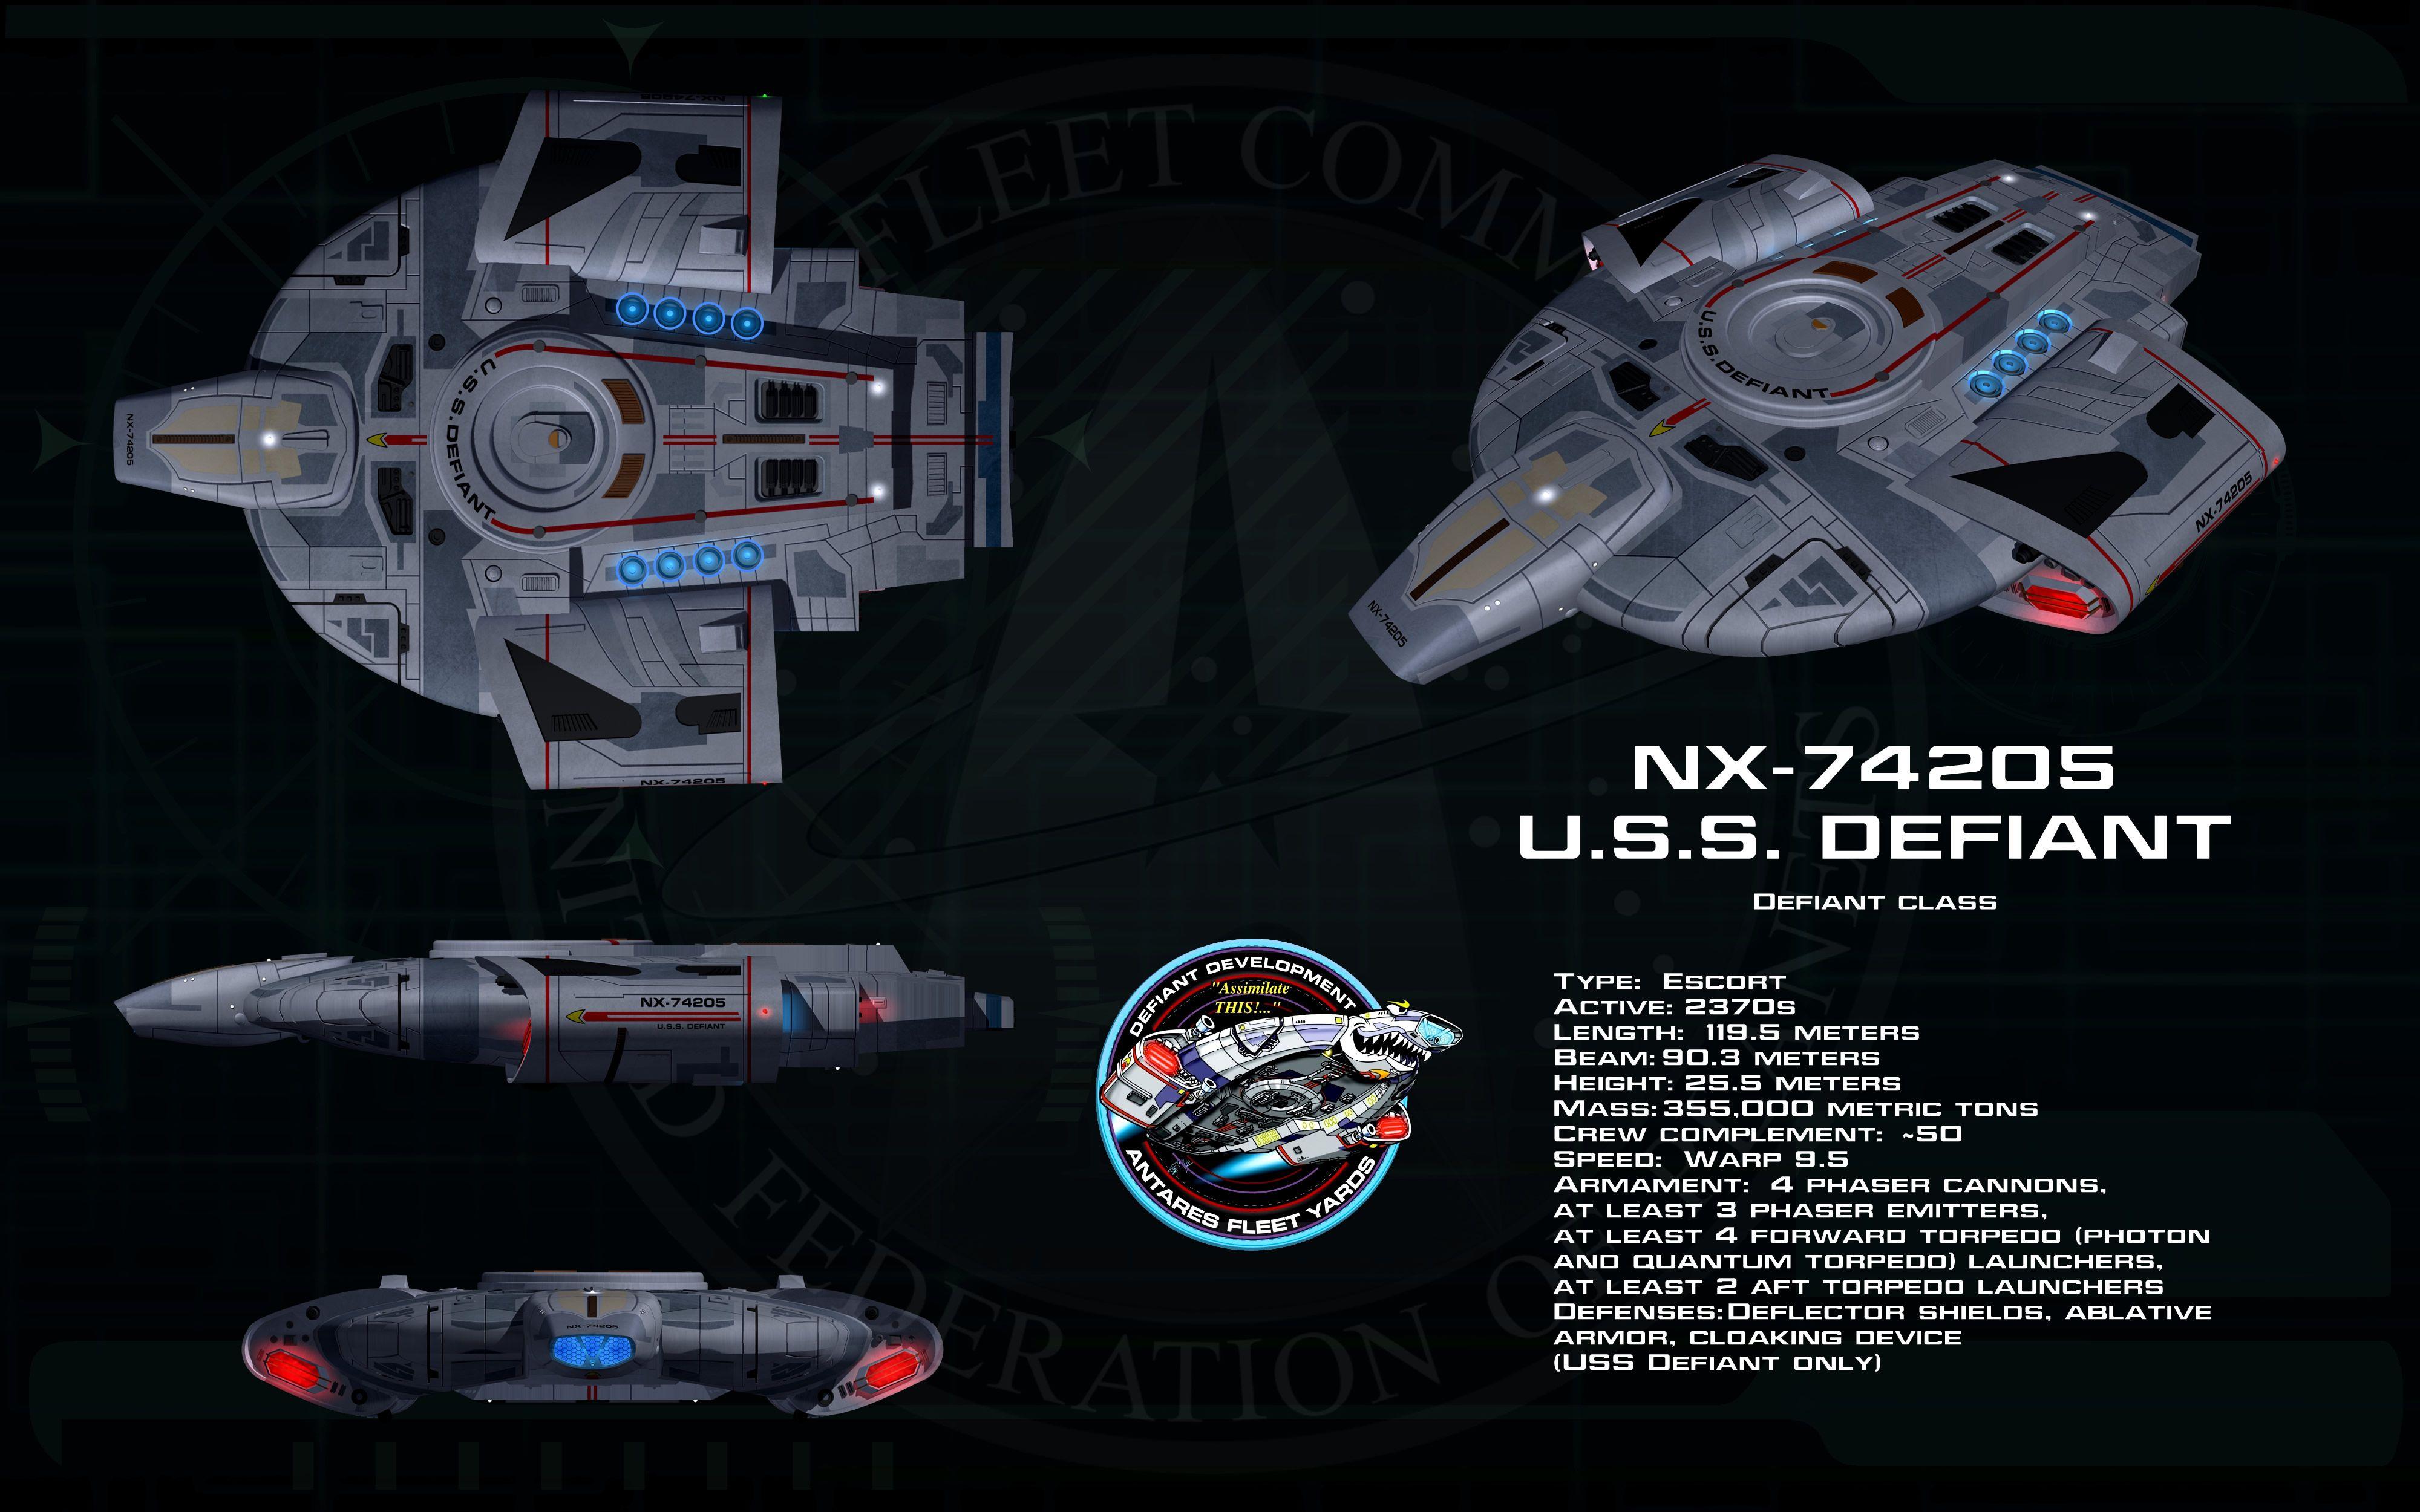 Defiant class ortho - USS Defiant by unusualsuspex.deviantart.com on @deviantART